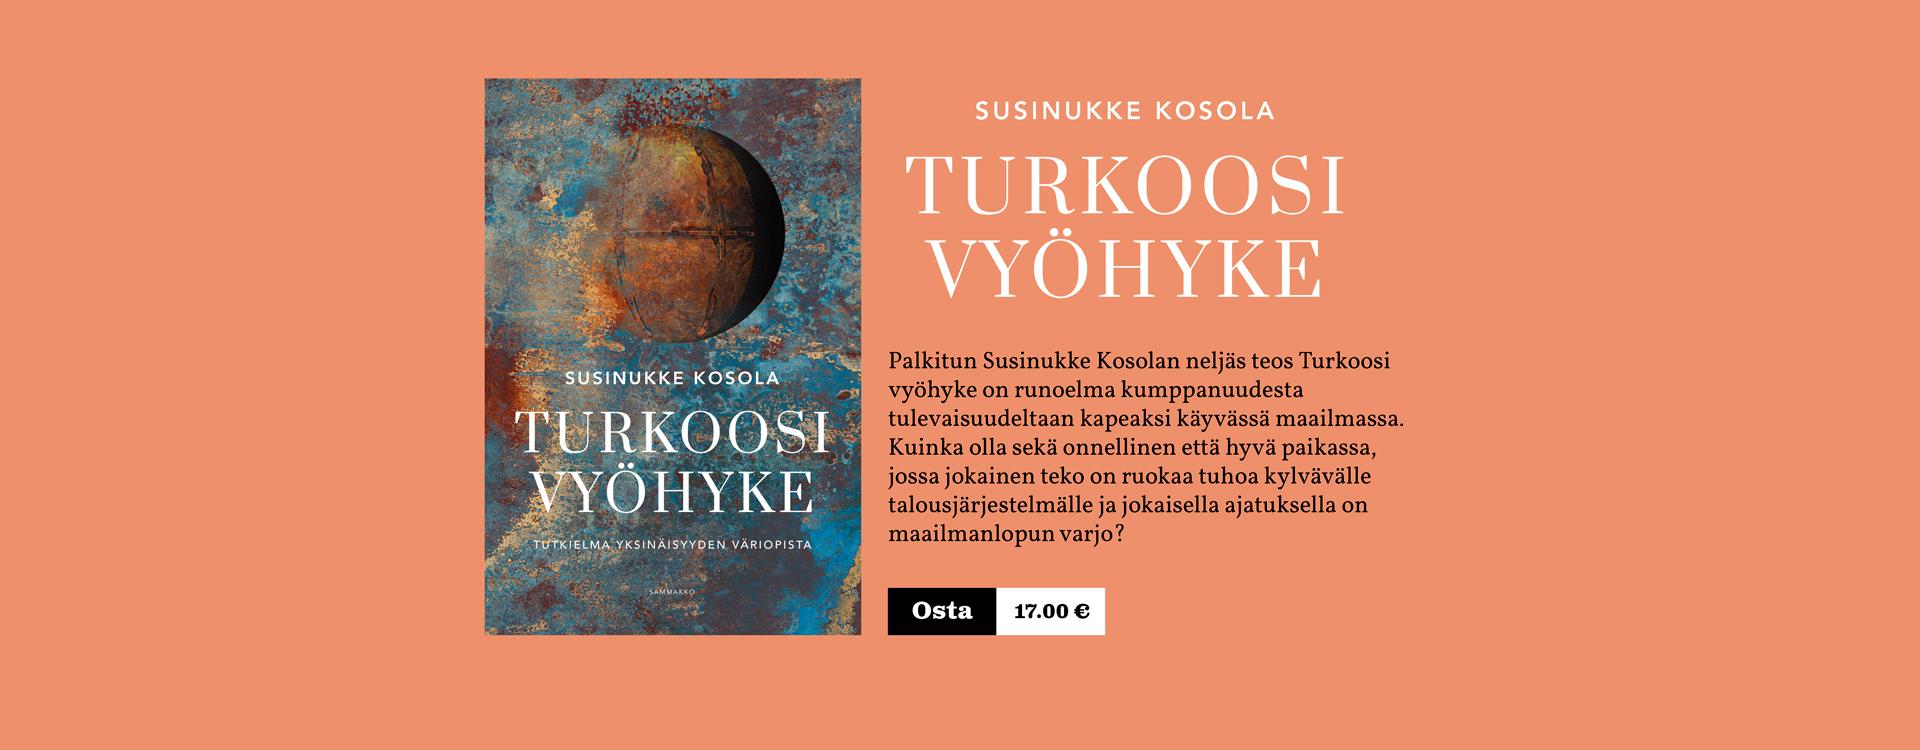 Turkoosi-vyohyke-slidemainos